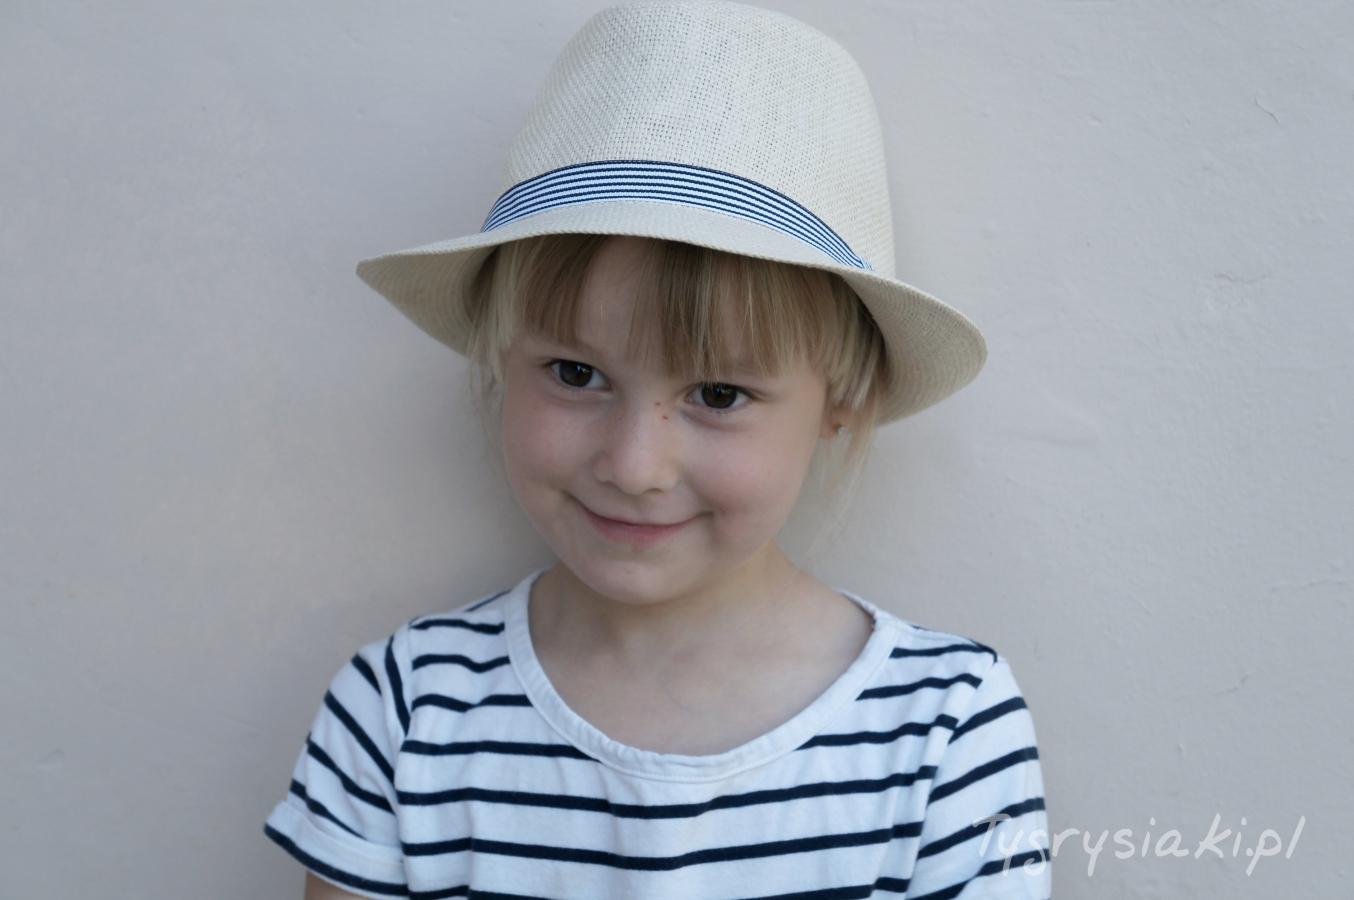 tygrysiaki-dziewczynka-kapeluszu